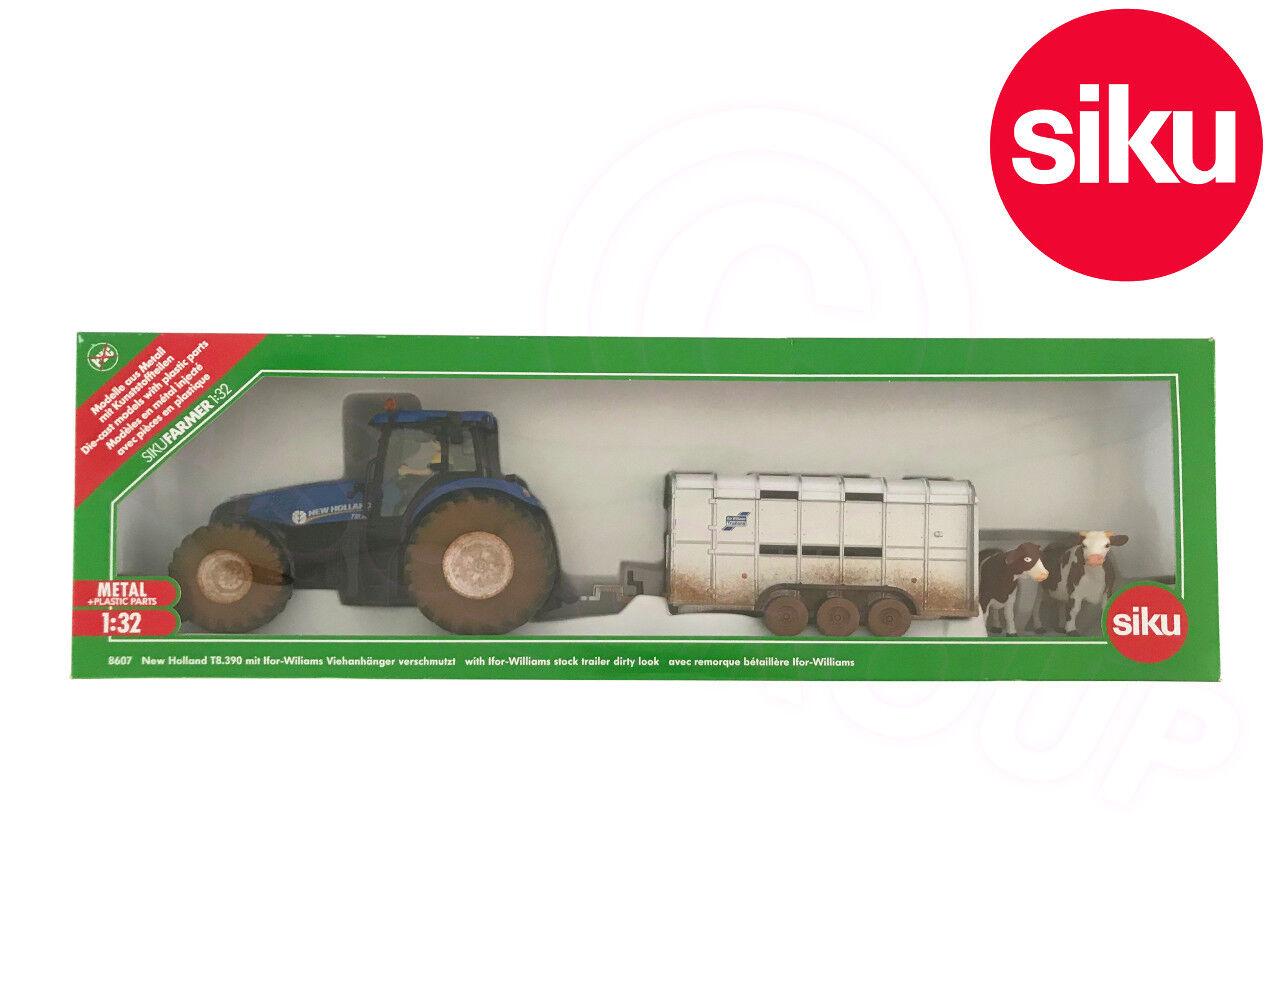 SIKU 8607 Muddy New Holland T8.390 T8.390 T8.390 tracteur  IFOR WILLIAMS Remorque 1:32 Die-Cast | Une Grande Variété De Marchandises  995a1f